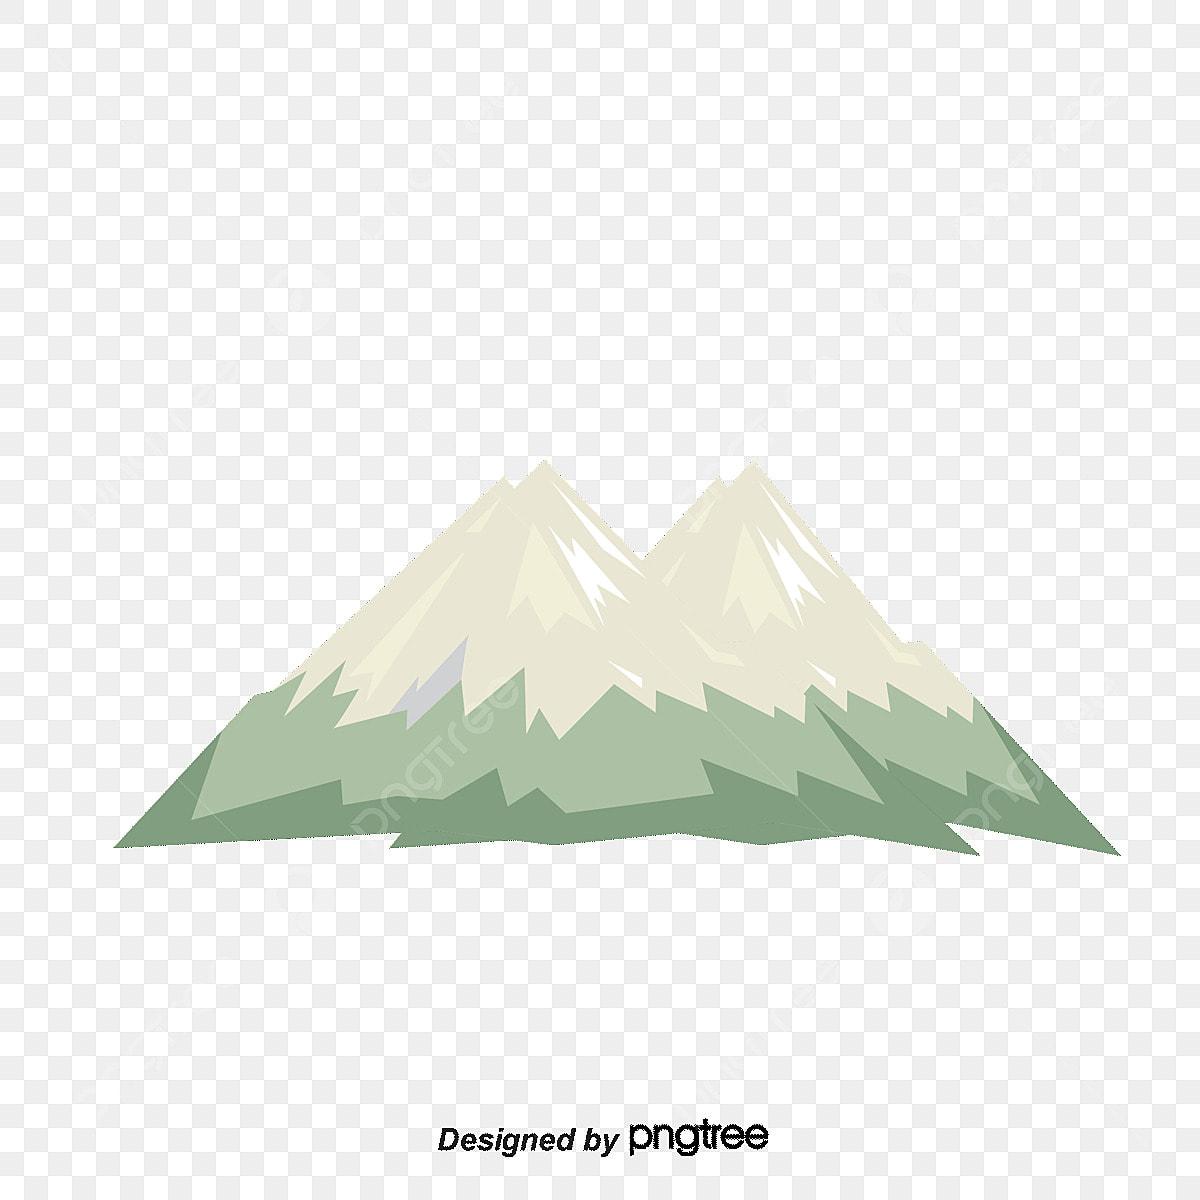 كرتون الجبال المغطاة بالثلوج و الرعيه كرتون جبل الثلج قطيع Png وملف Psd للتحميل مجانا